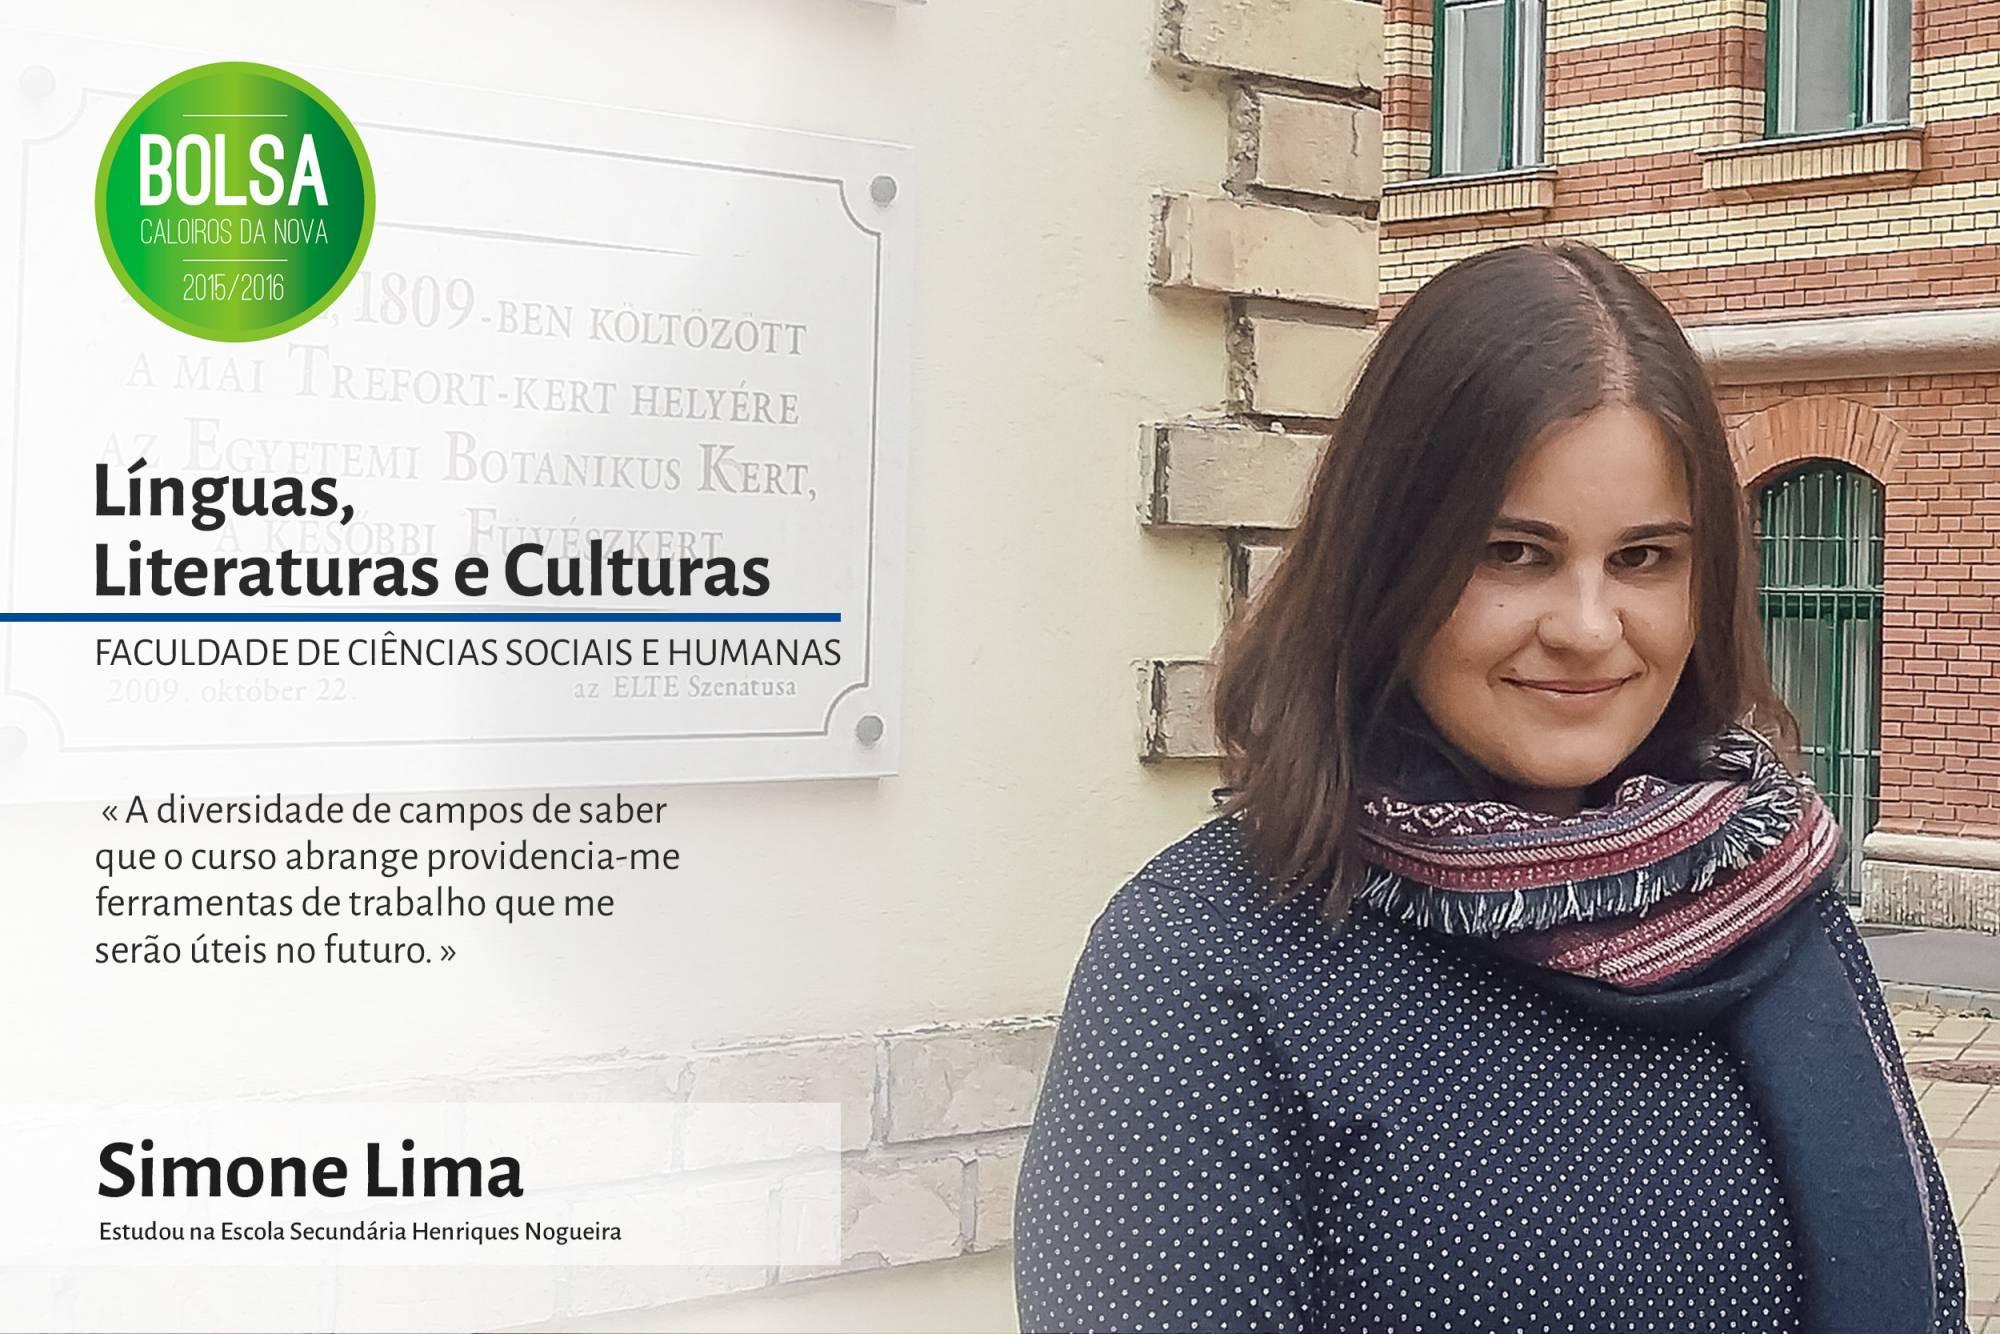 Simone Lima, Faculdade de Ciências Sociais e Humanas da NOVA